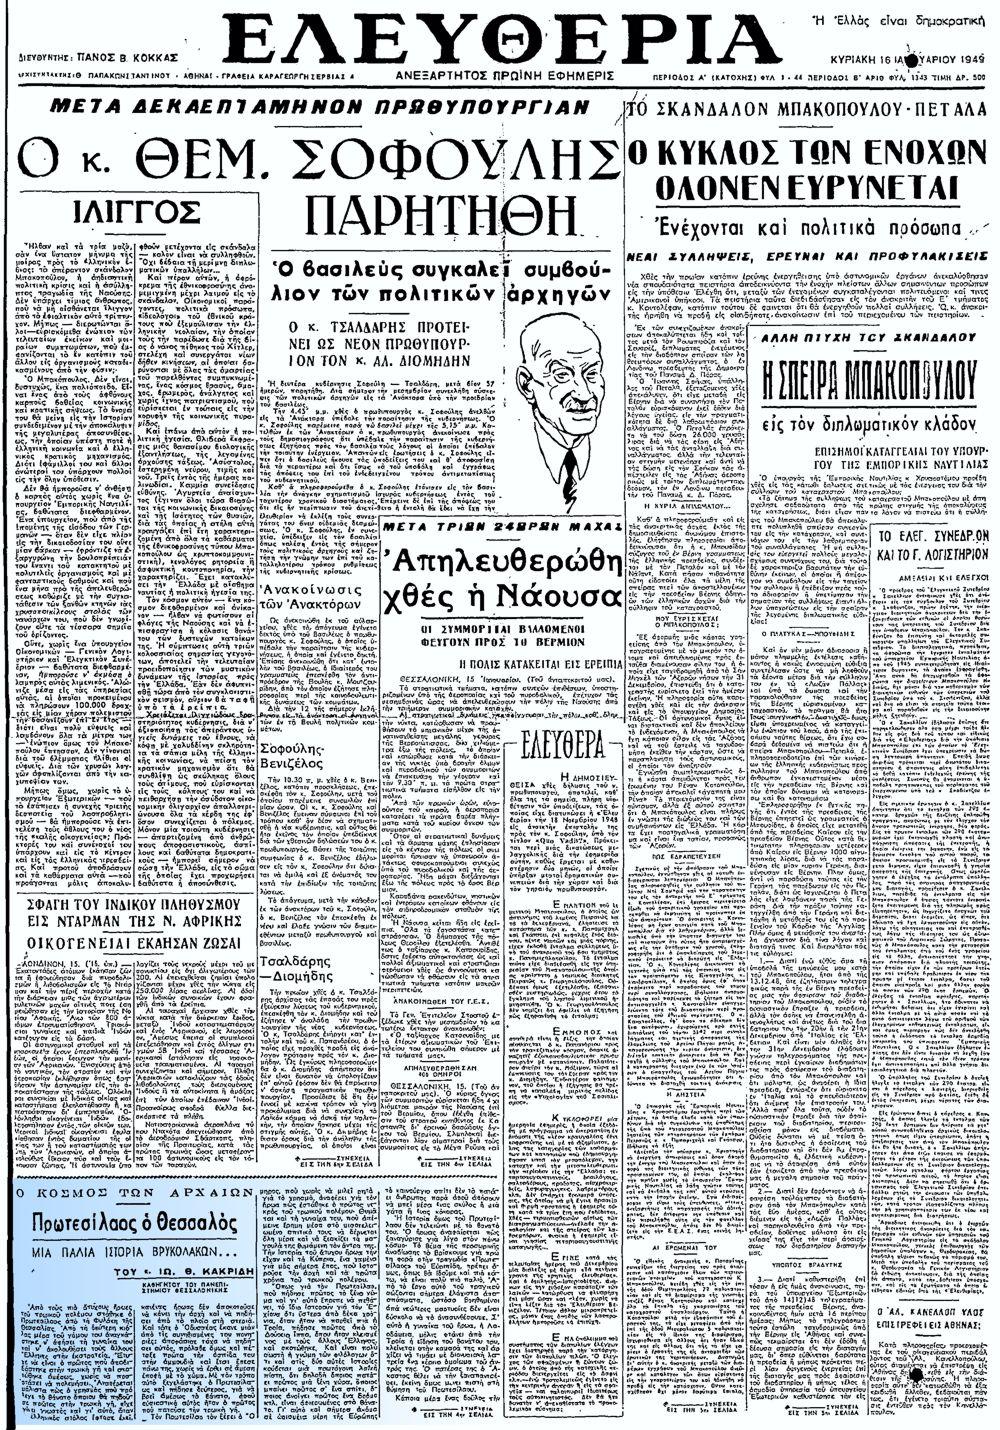 """Το άρθρο, όπως δημοσιεύθηκε στην εφημερίδα """"ΕΛΕΥΘΕΡΙΑ"""", στις 16/01/1949"""